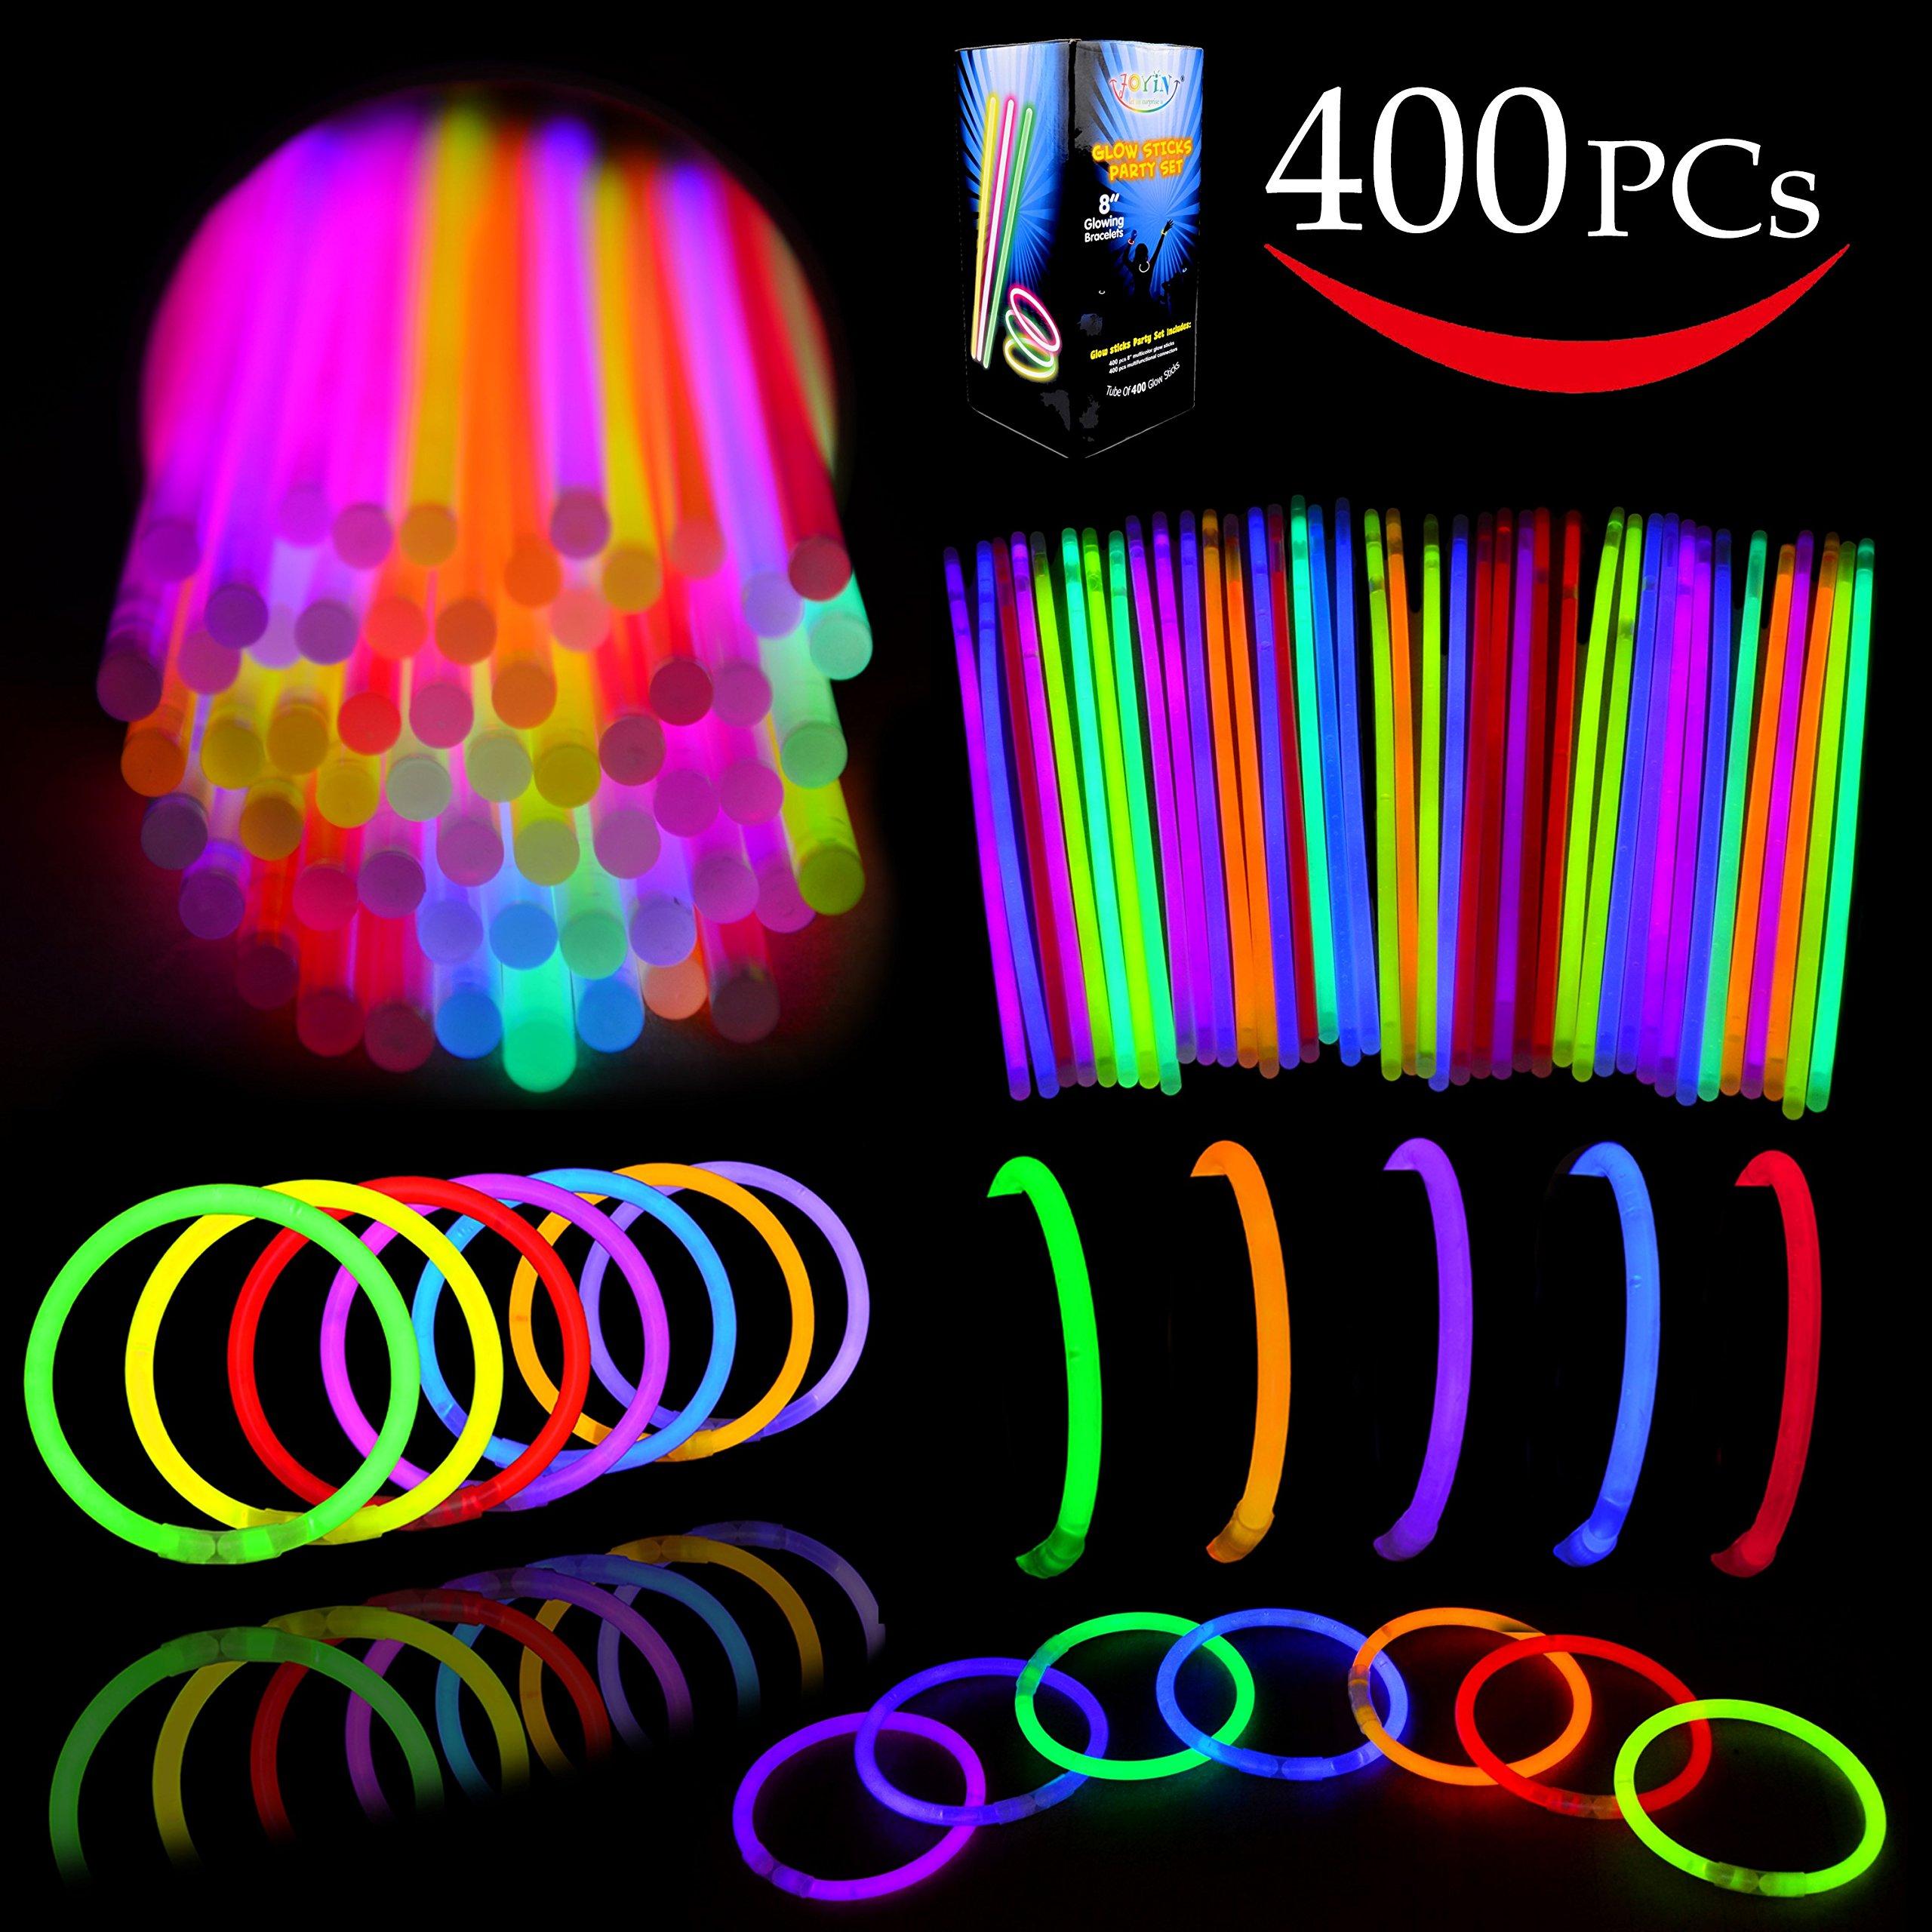 Joyin Toy Glow Sticks Bulk 400 8'' Glowsticks (Total 800 Pcs 7 Colors); Glow Stick Bracelets; Glow Necklaces Party Favors Pack with 400 Bracelet Connectors.